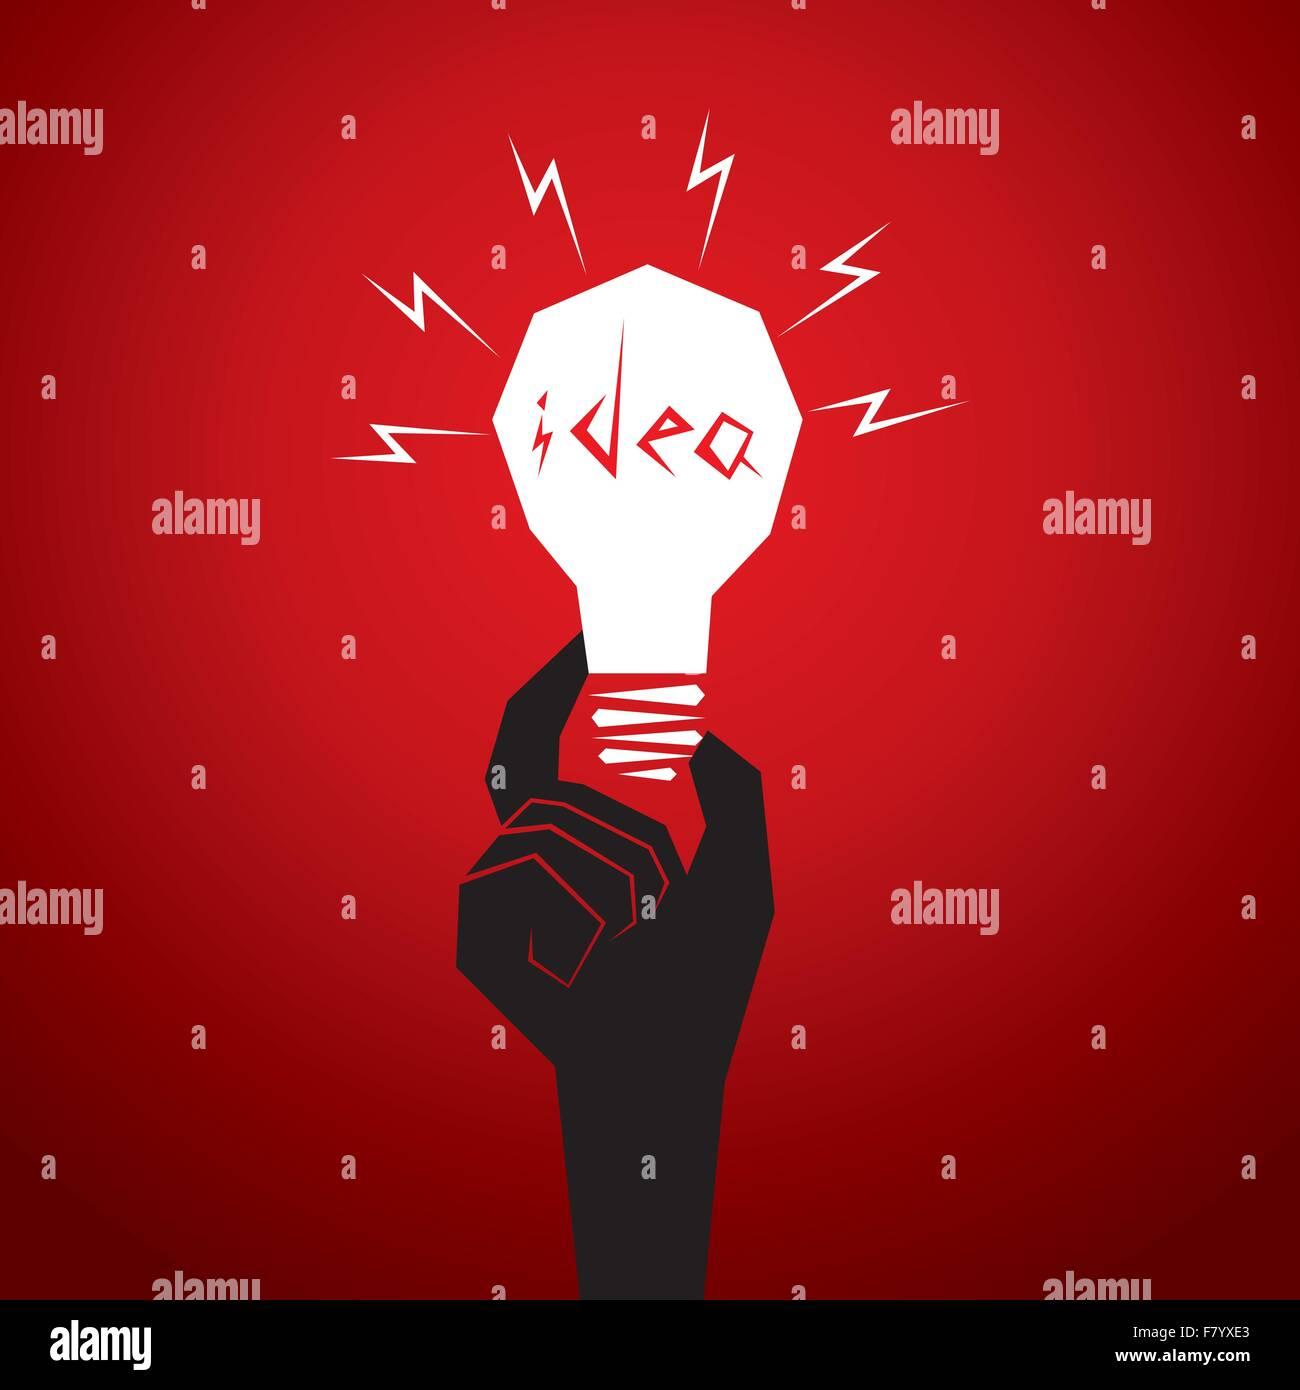 Idea nuova nozione di uomini in testa di lampadina Immagini Stock